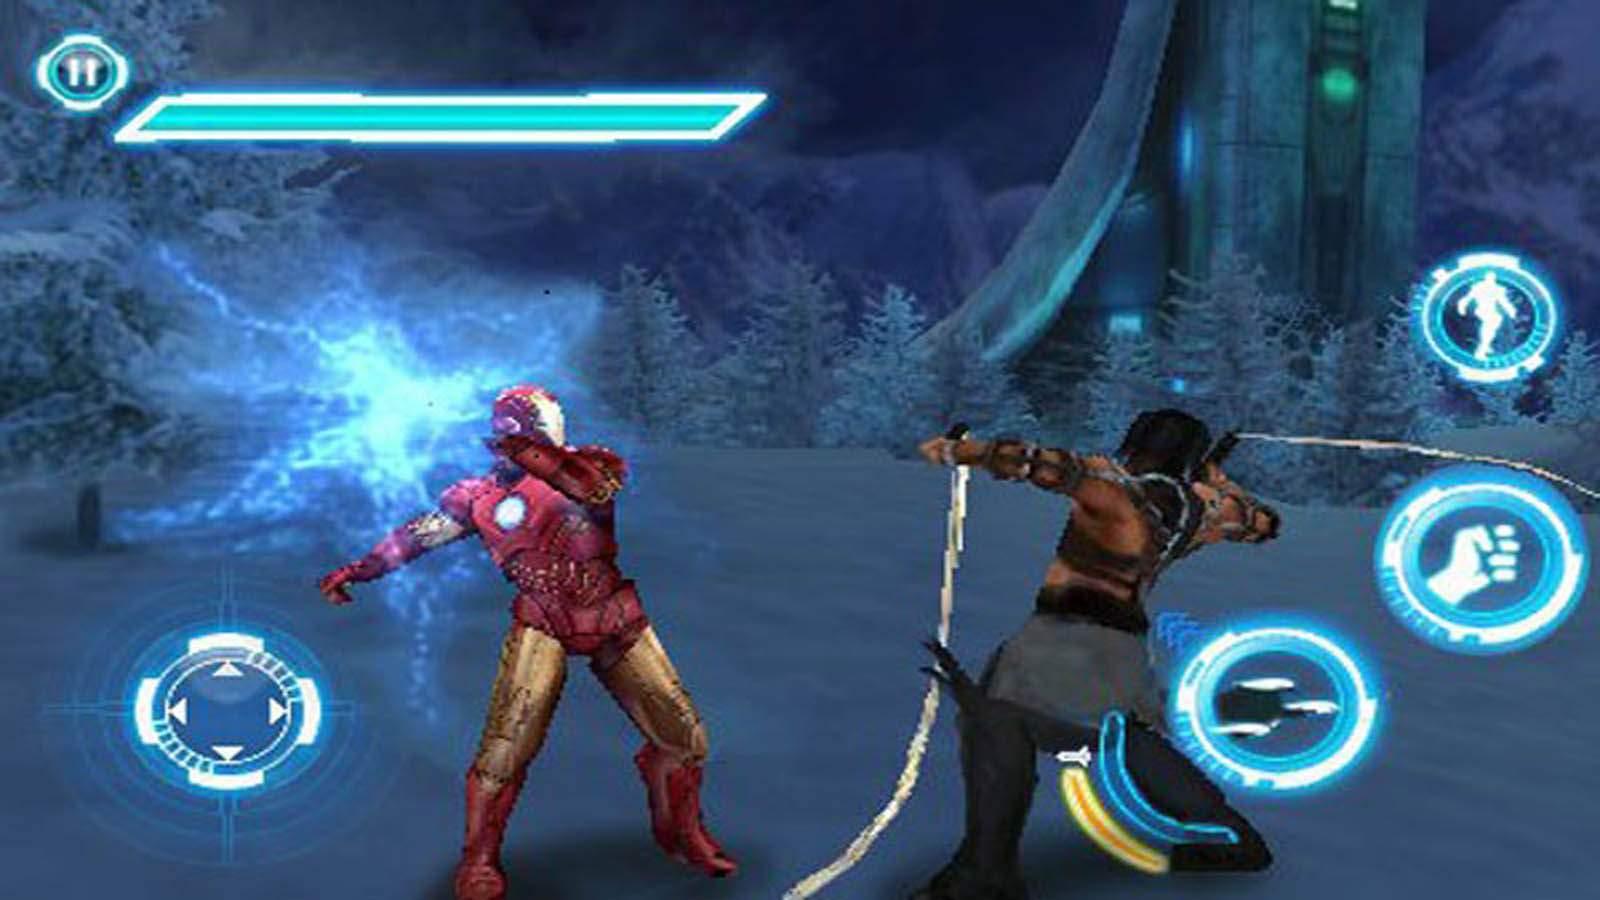 تحميل لعبة Iron Man 1 مضغوطة برابط واحد مباشر كاملة مجانا